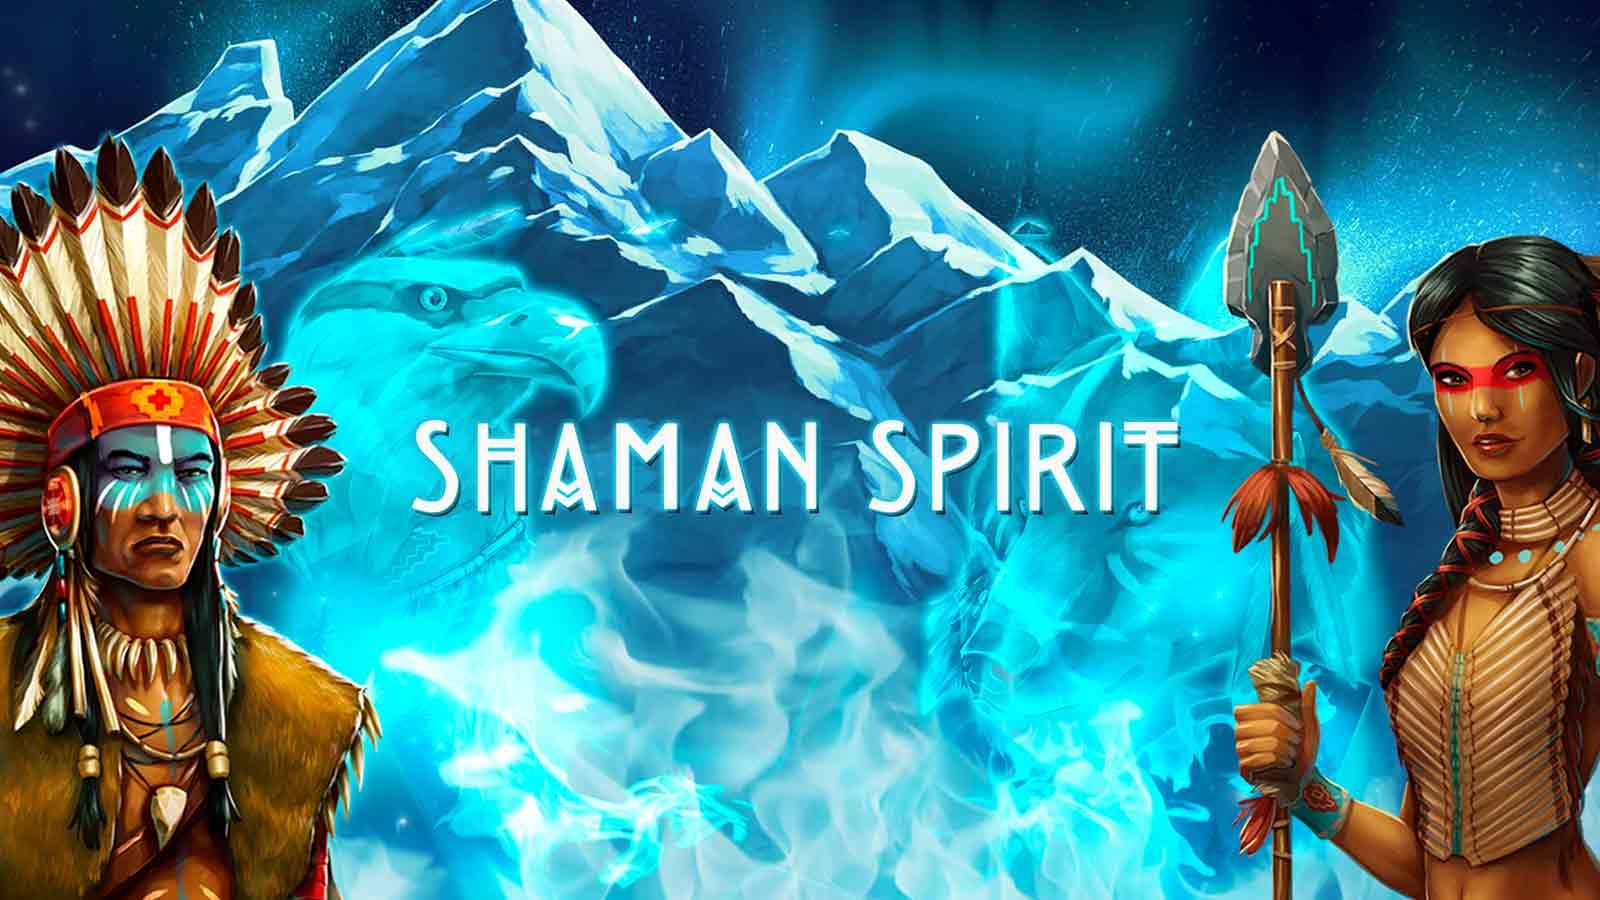 Shaman Spirit online slots game logo